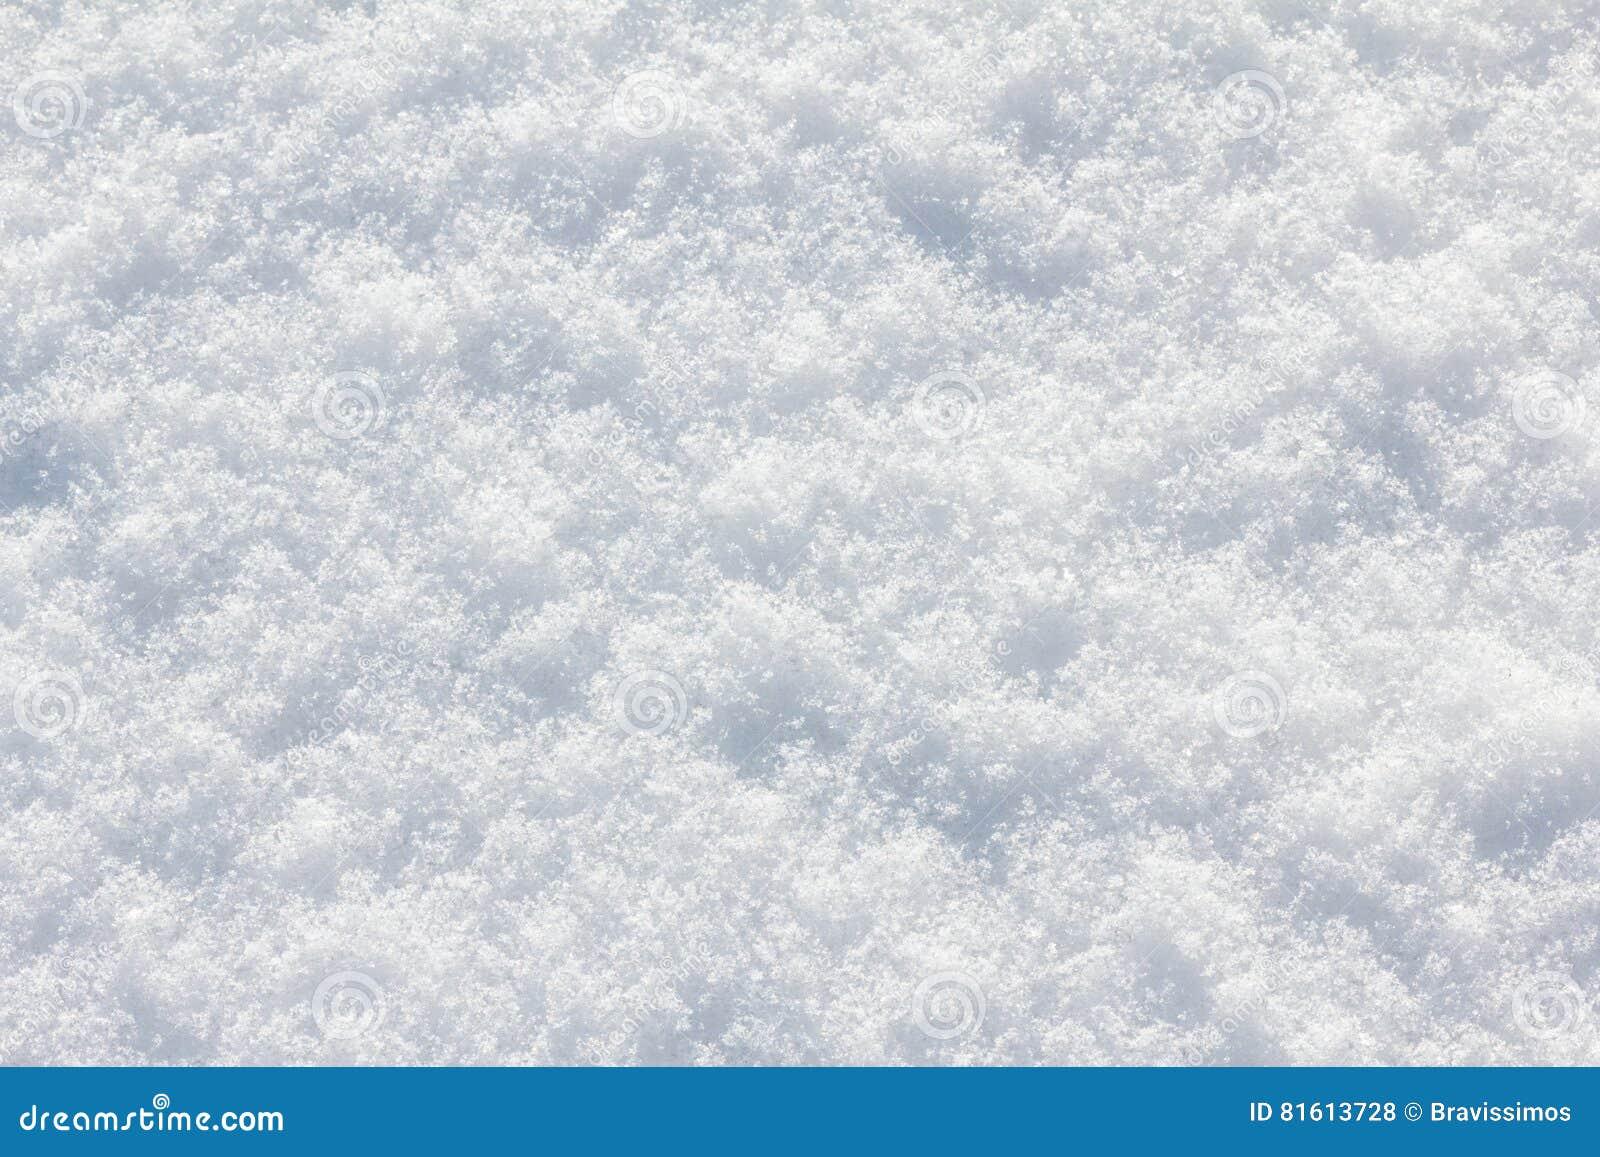 Blanco del fondo de la nieve en día de invierno La estación del tiempo frío, texturiza el extracto